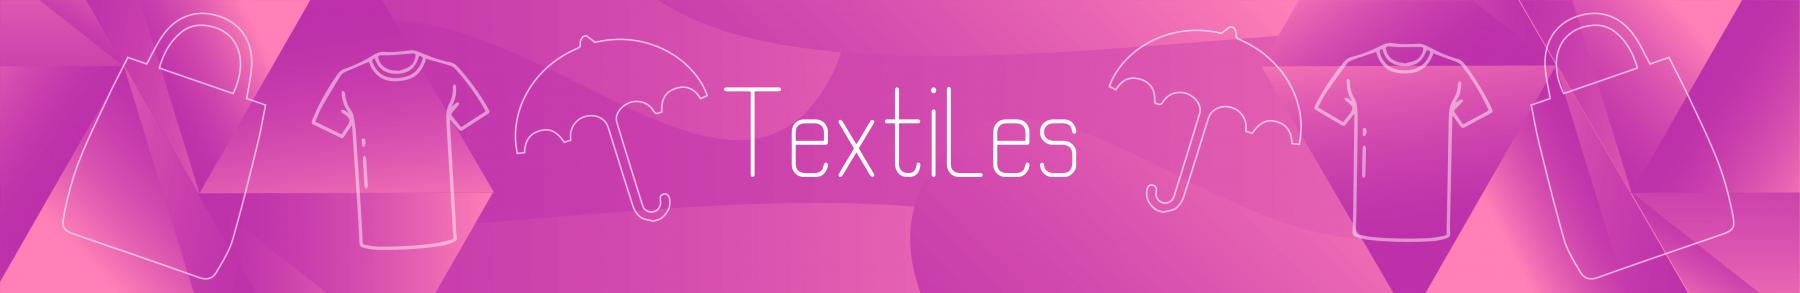 articulos textiles promocionales